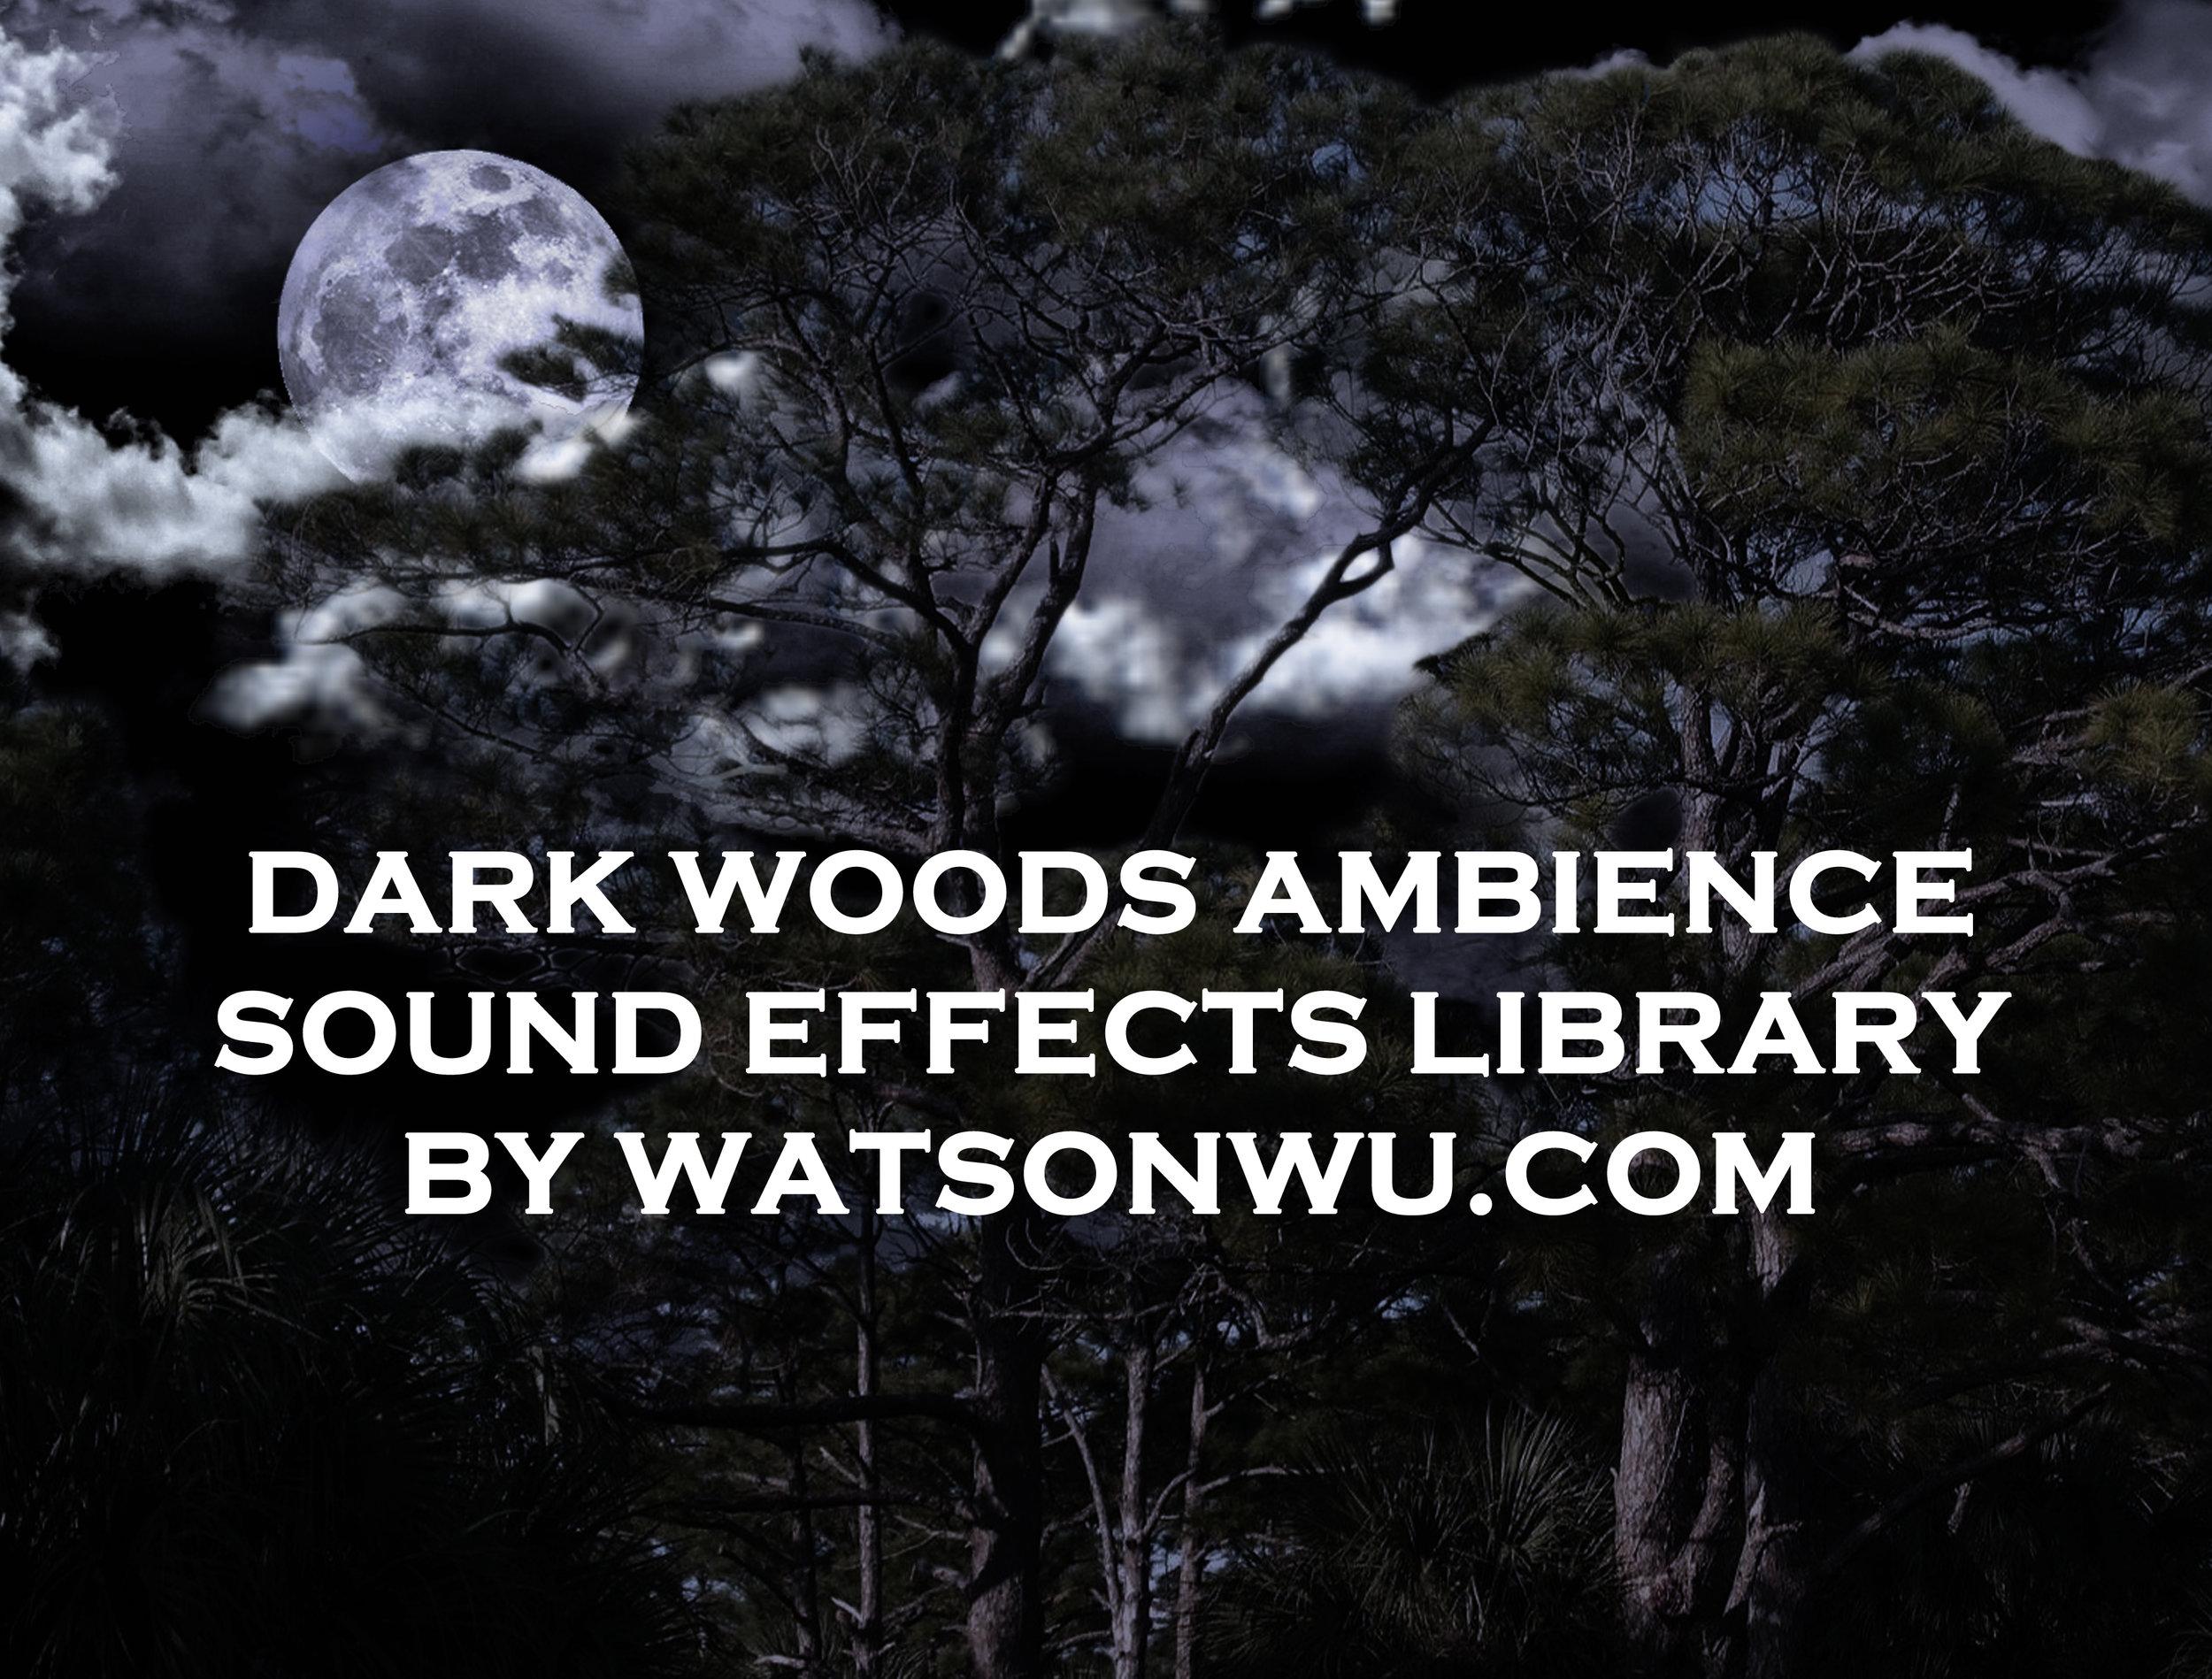 _Dark Woods Ambience SoundFX Library by WatsonWu.com.JPG